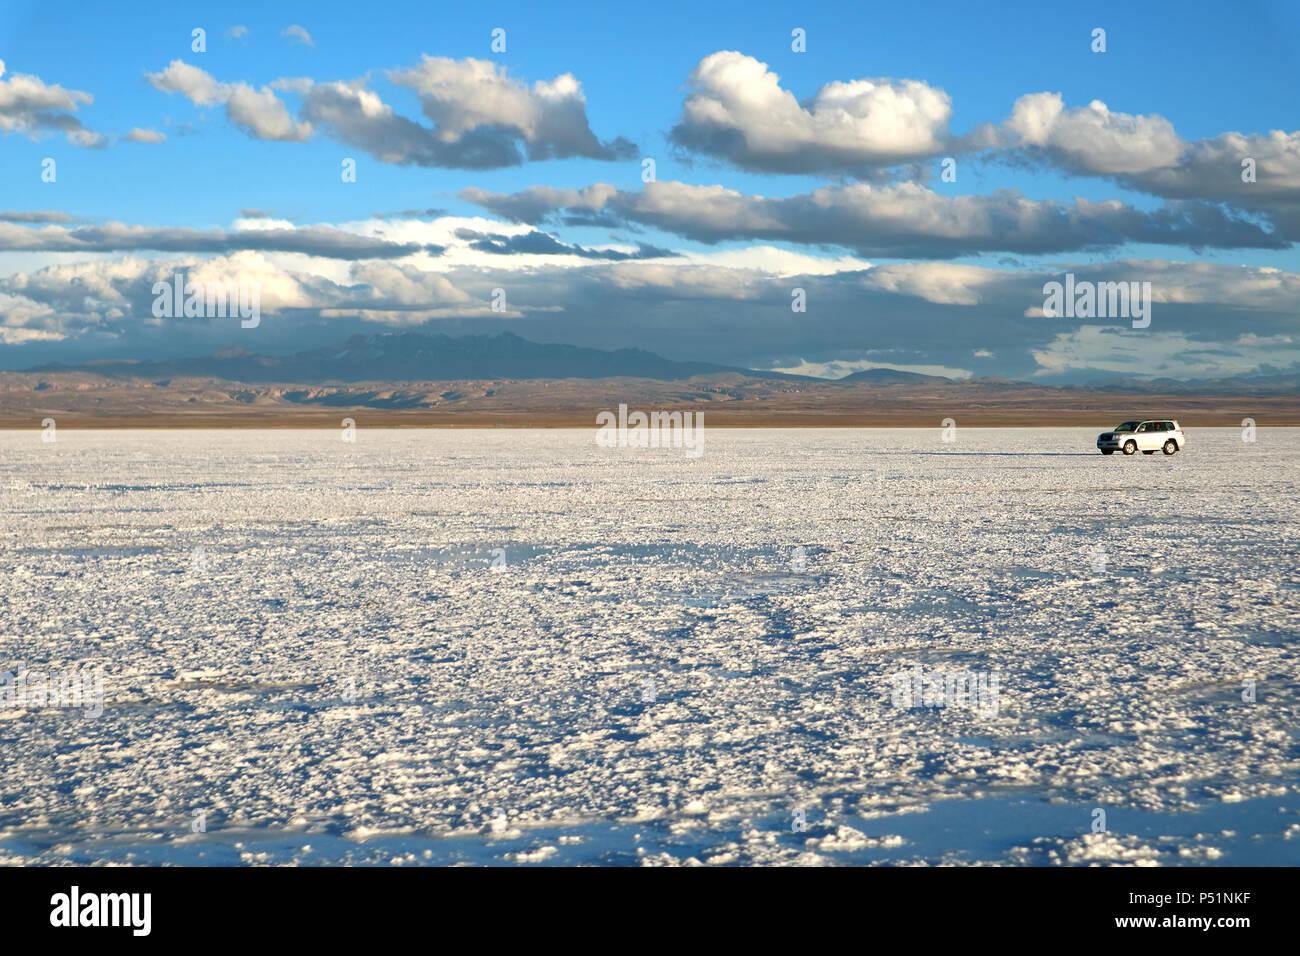 Fahren auf Salar de Uyuni oder Uyuni Salze Wohnungen, Bolivien, Südamerika, UNESCO Weltkulturerbe Stockfoto